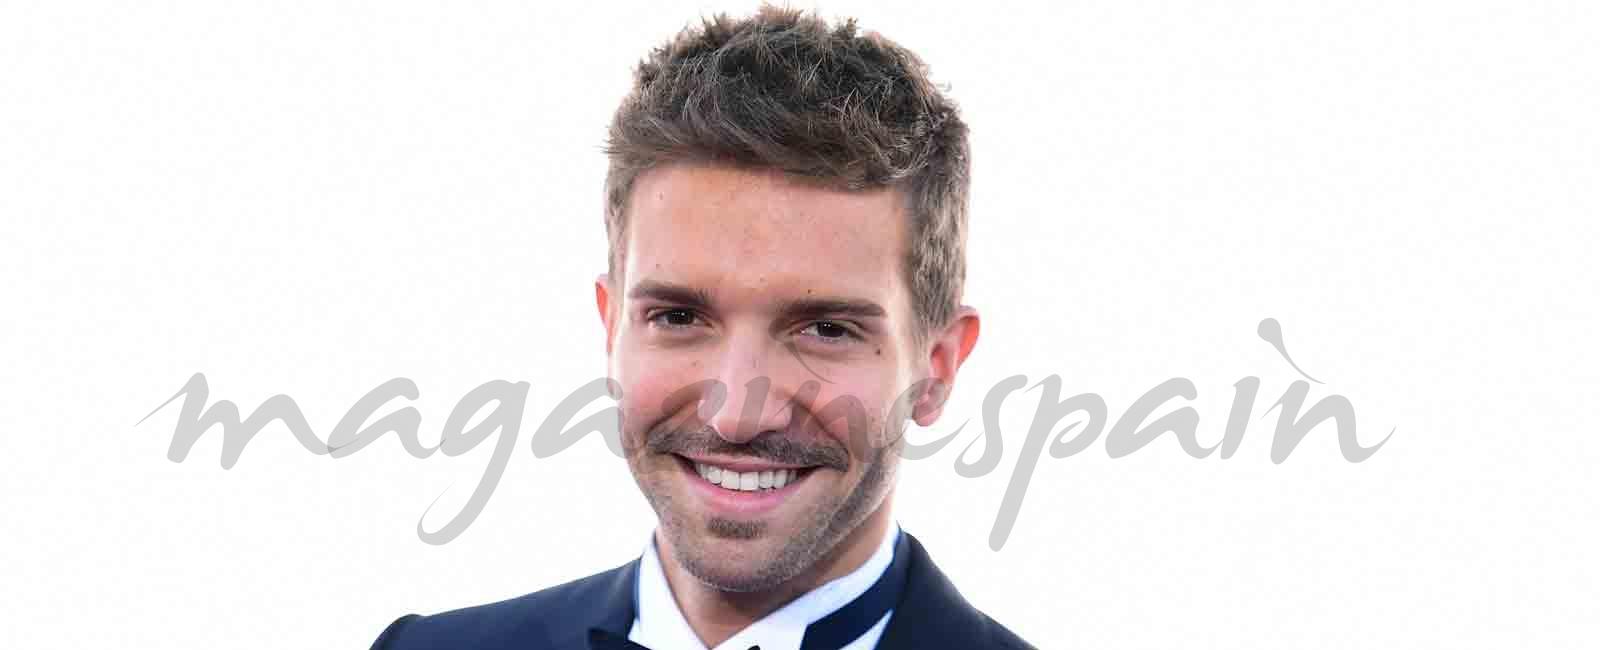 Pablo Alborán, el más elegante de los Latin American Music Awards